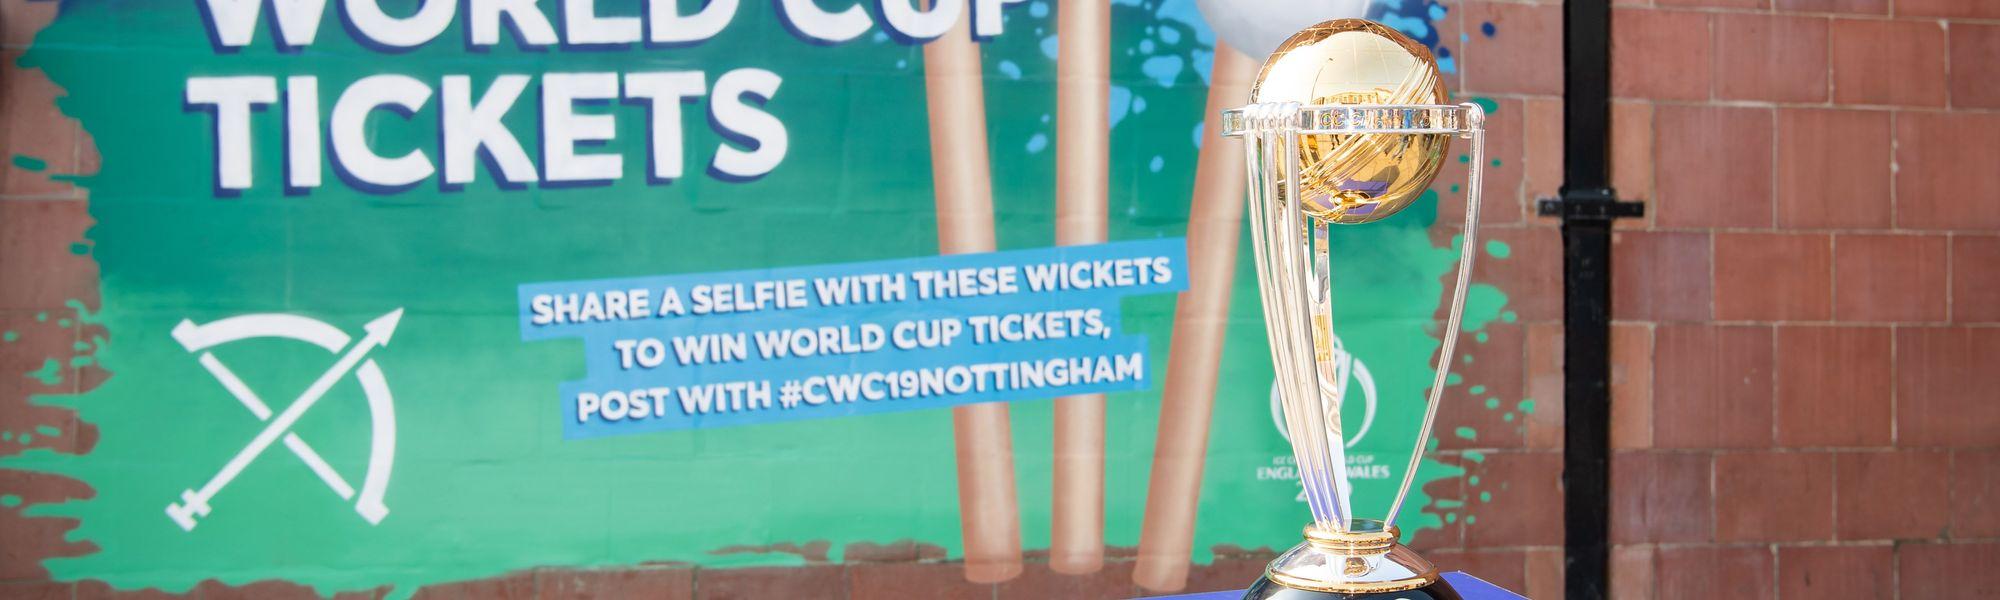 icc-trophy-tour-nottingham-18